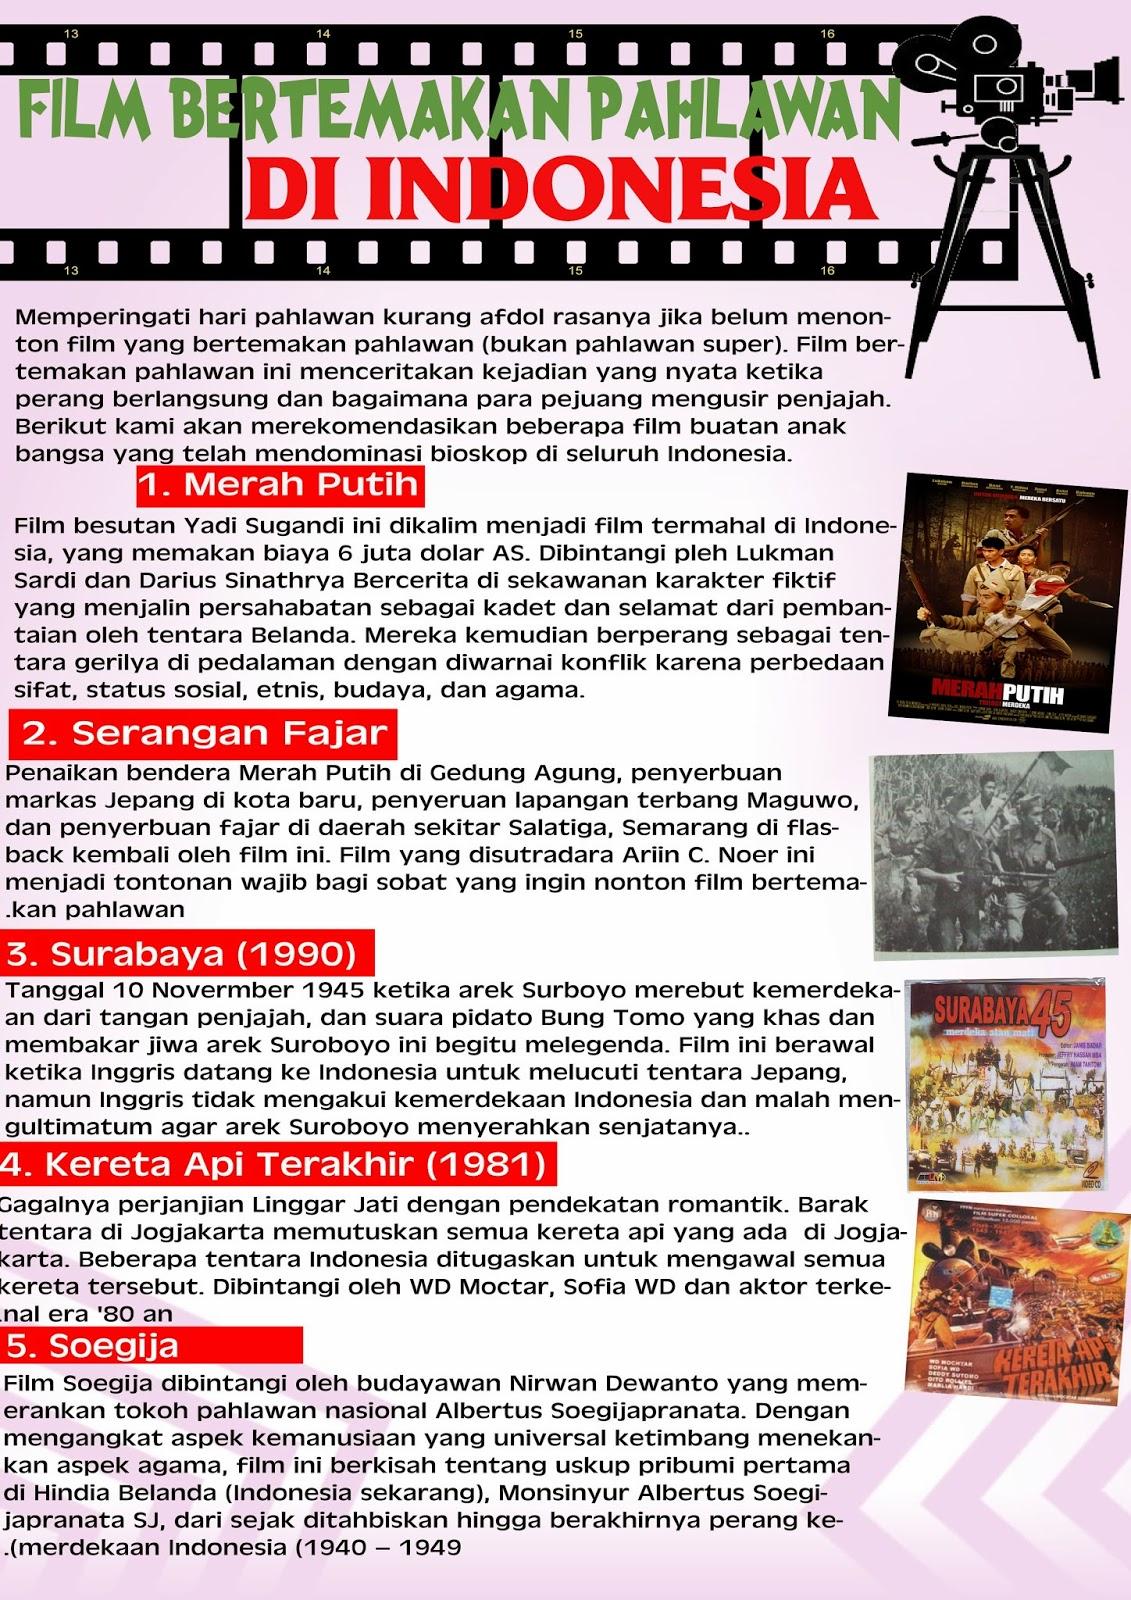 Film Bertemakan Pahlawan Di Indonesia Kiloe Journalist